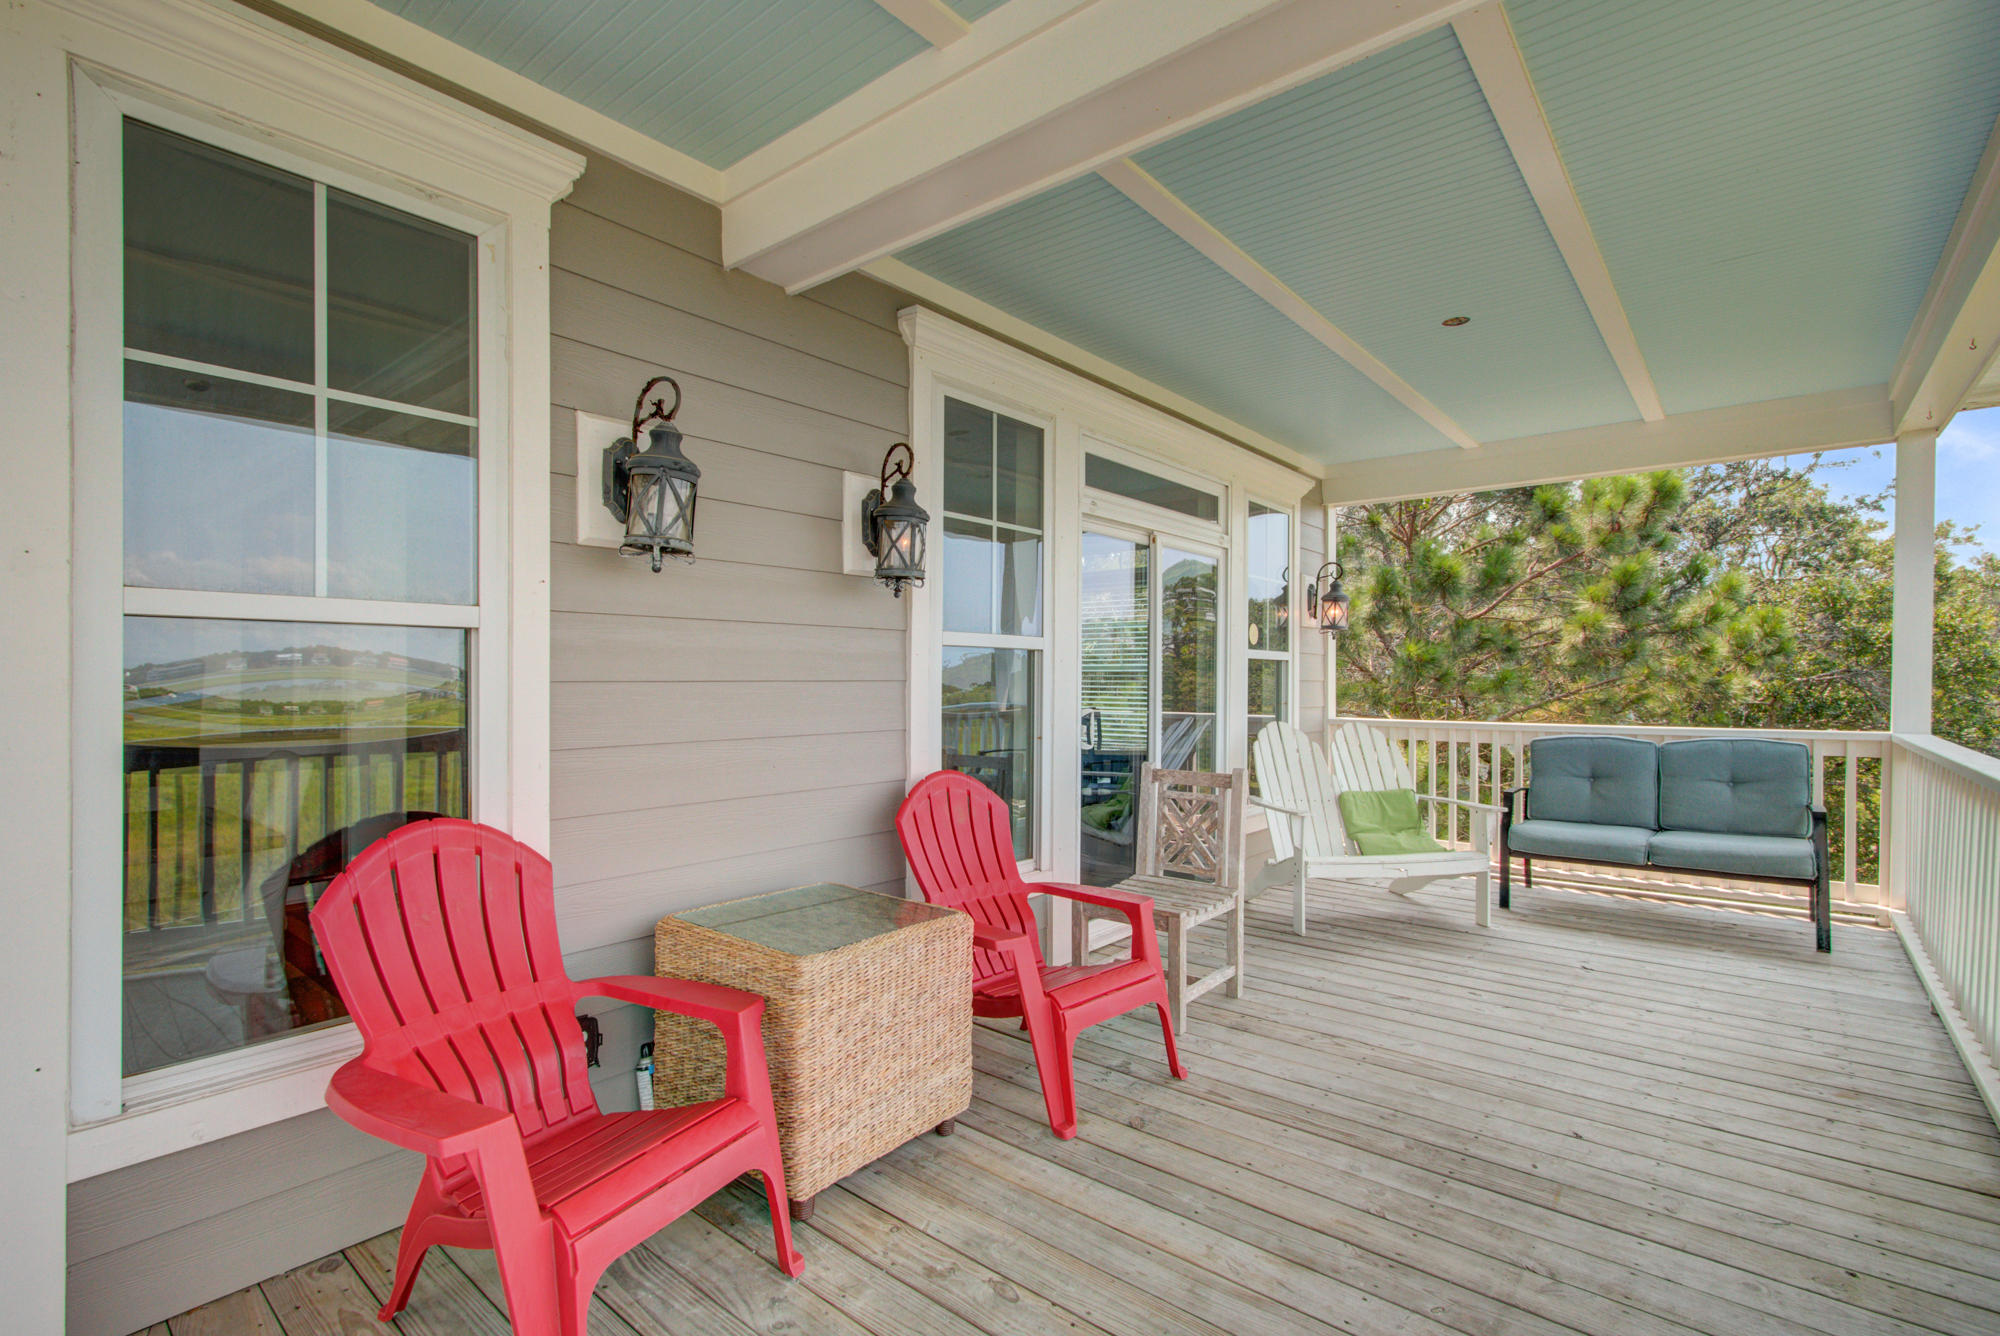 Folly Beach Homes For Sale - 616 Erie, Folly Beach, SC - 44